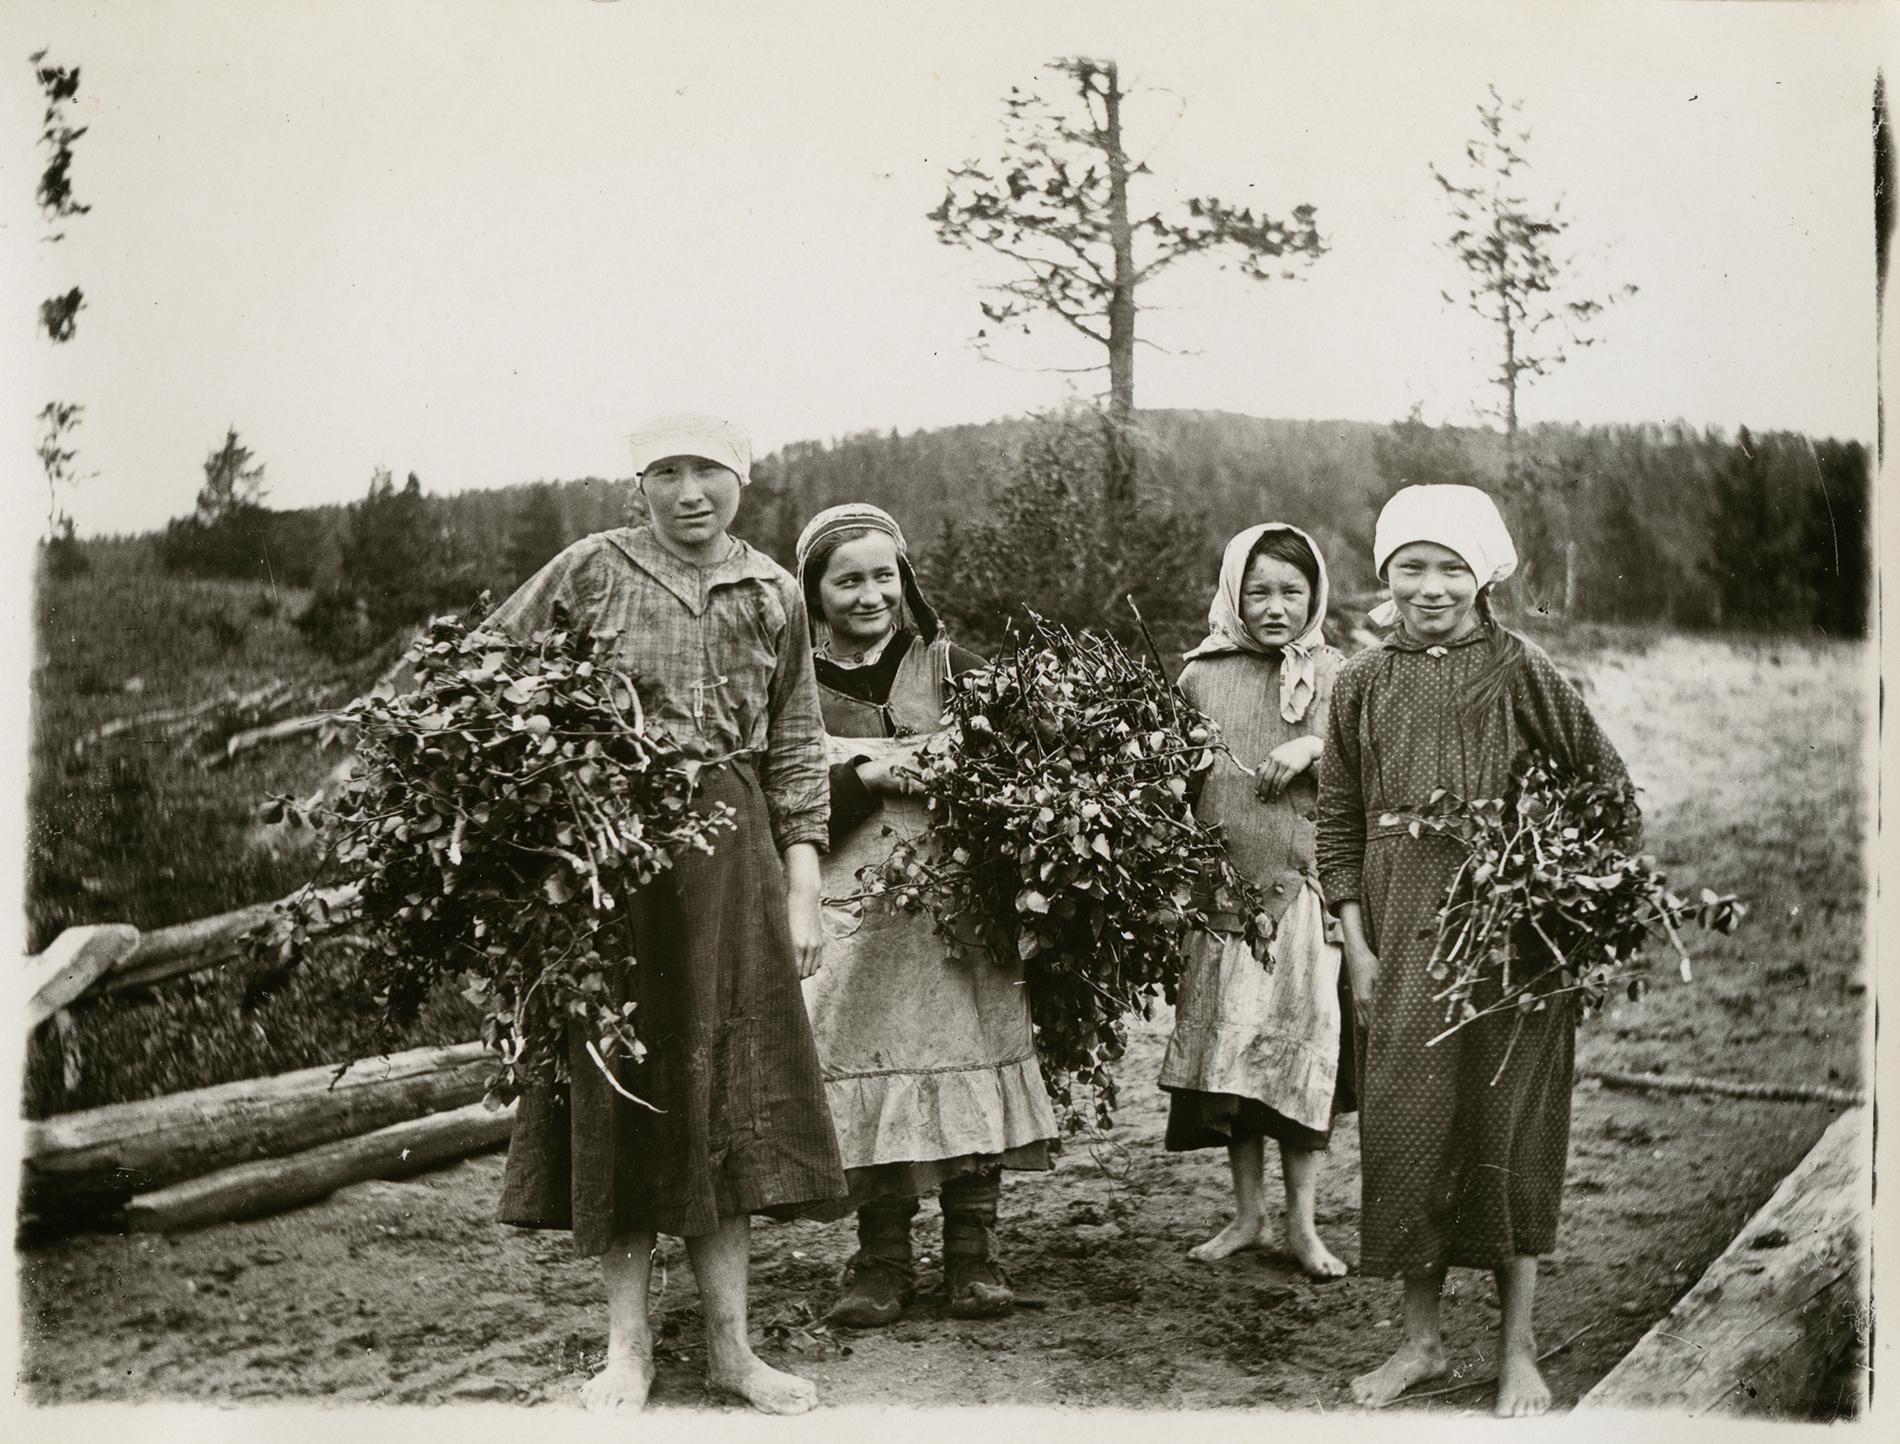 Tytöt tulevat luutavarpuja noutamasta. Enontekiö 22.6.1921. SKS KRA. Kuvaaja: Samuli Paulaharju.